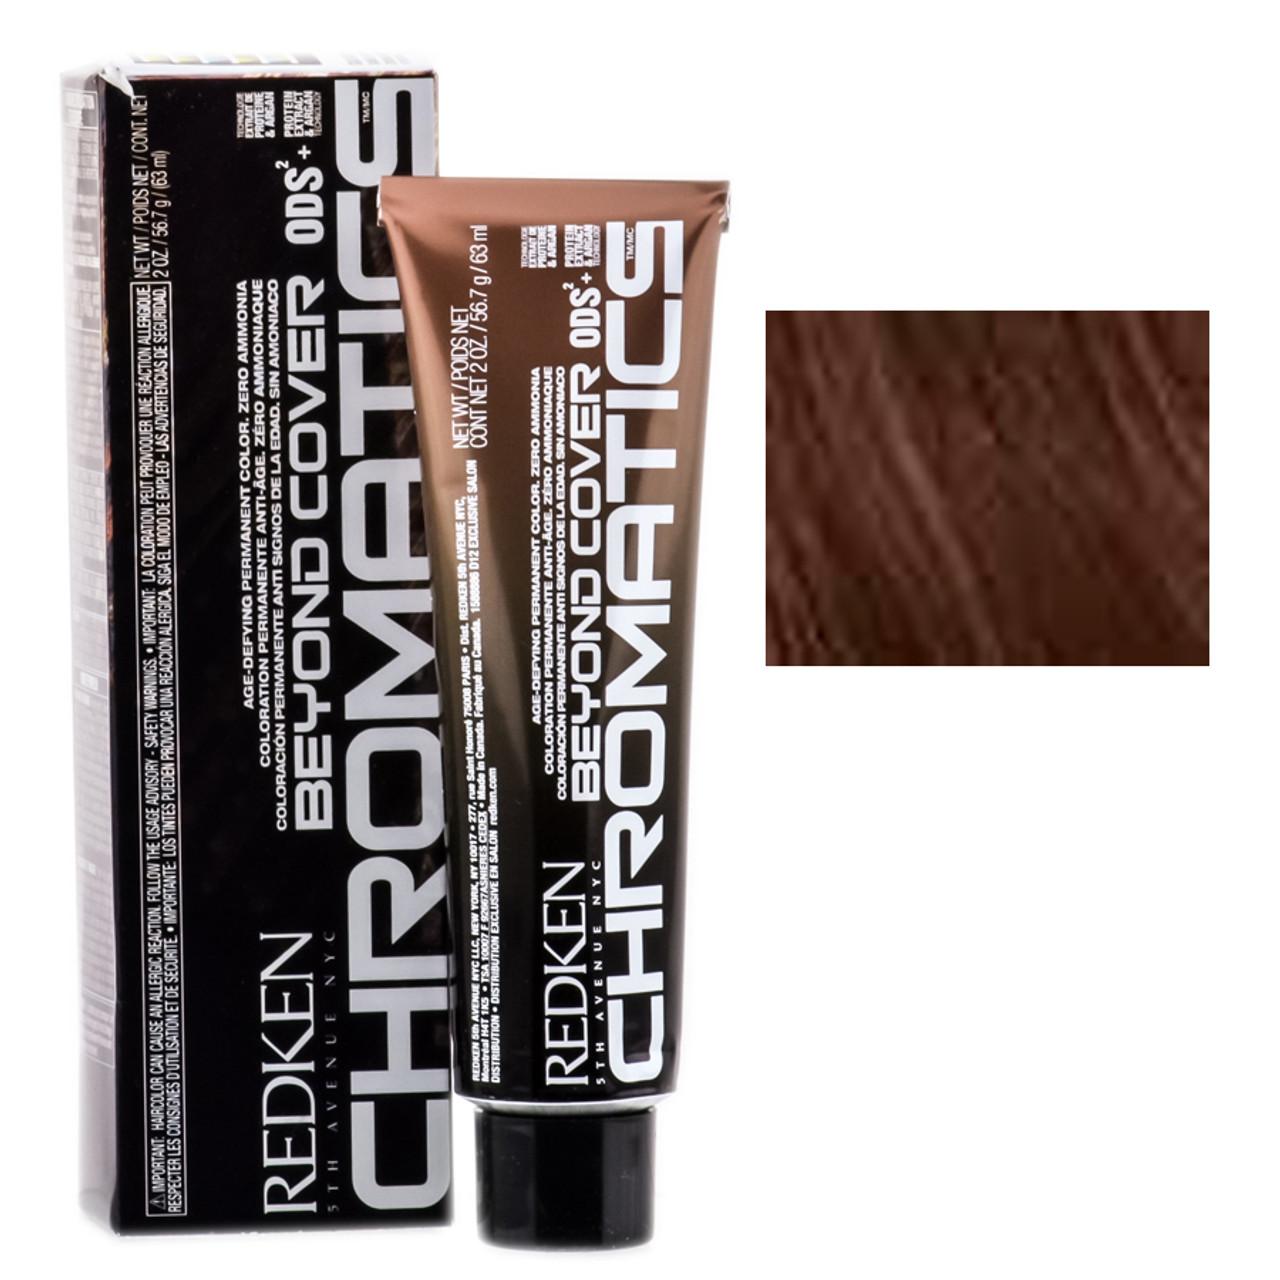 Redken Chromatics Beyond Cover Hair Color Sleekshop Formerly